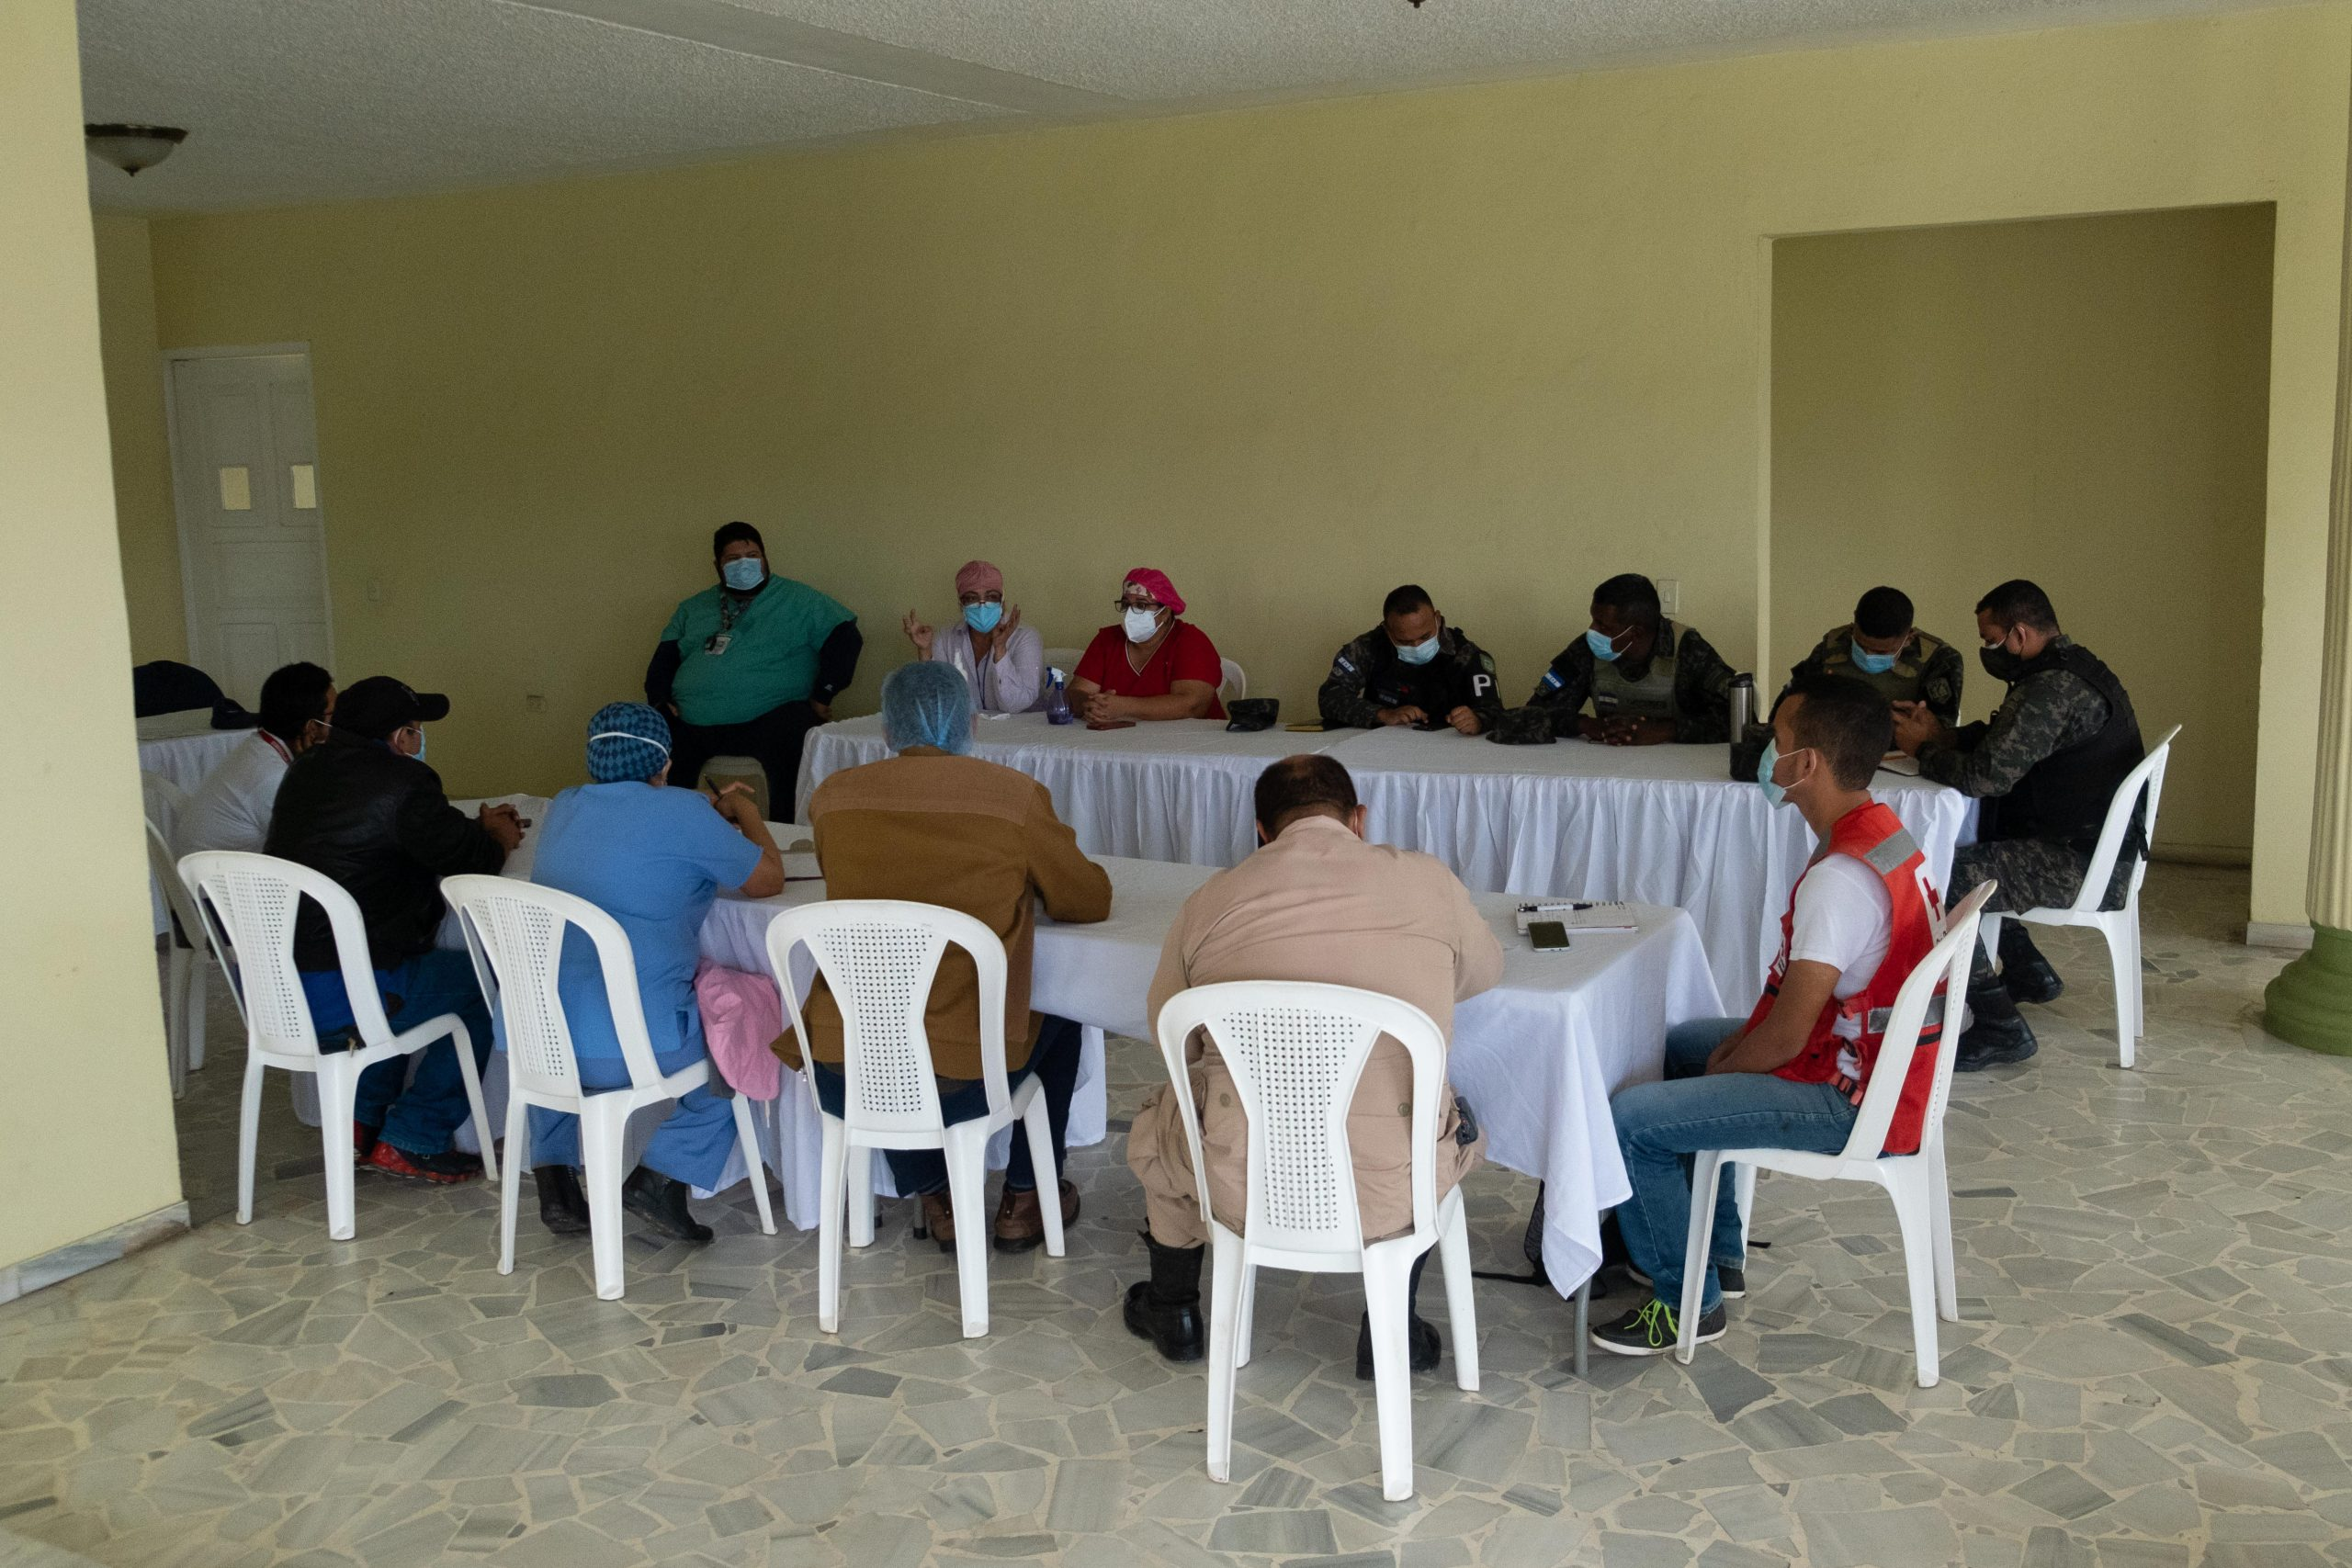 Reunión del Comité de Emergencia Municipal de El Progreso. 3 de Noviembre de 2020, Foto Deiby Yanes.